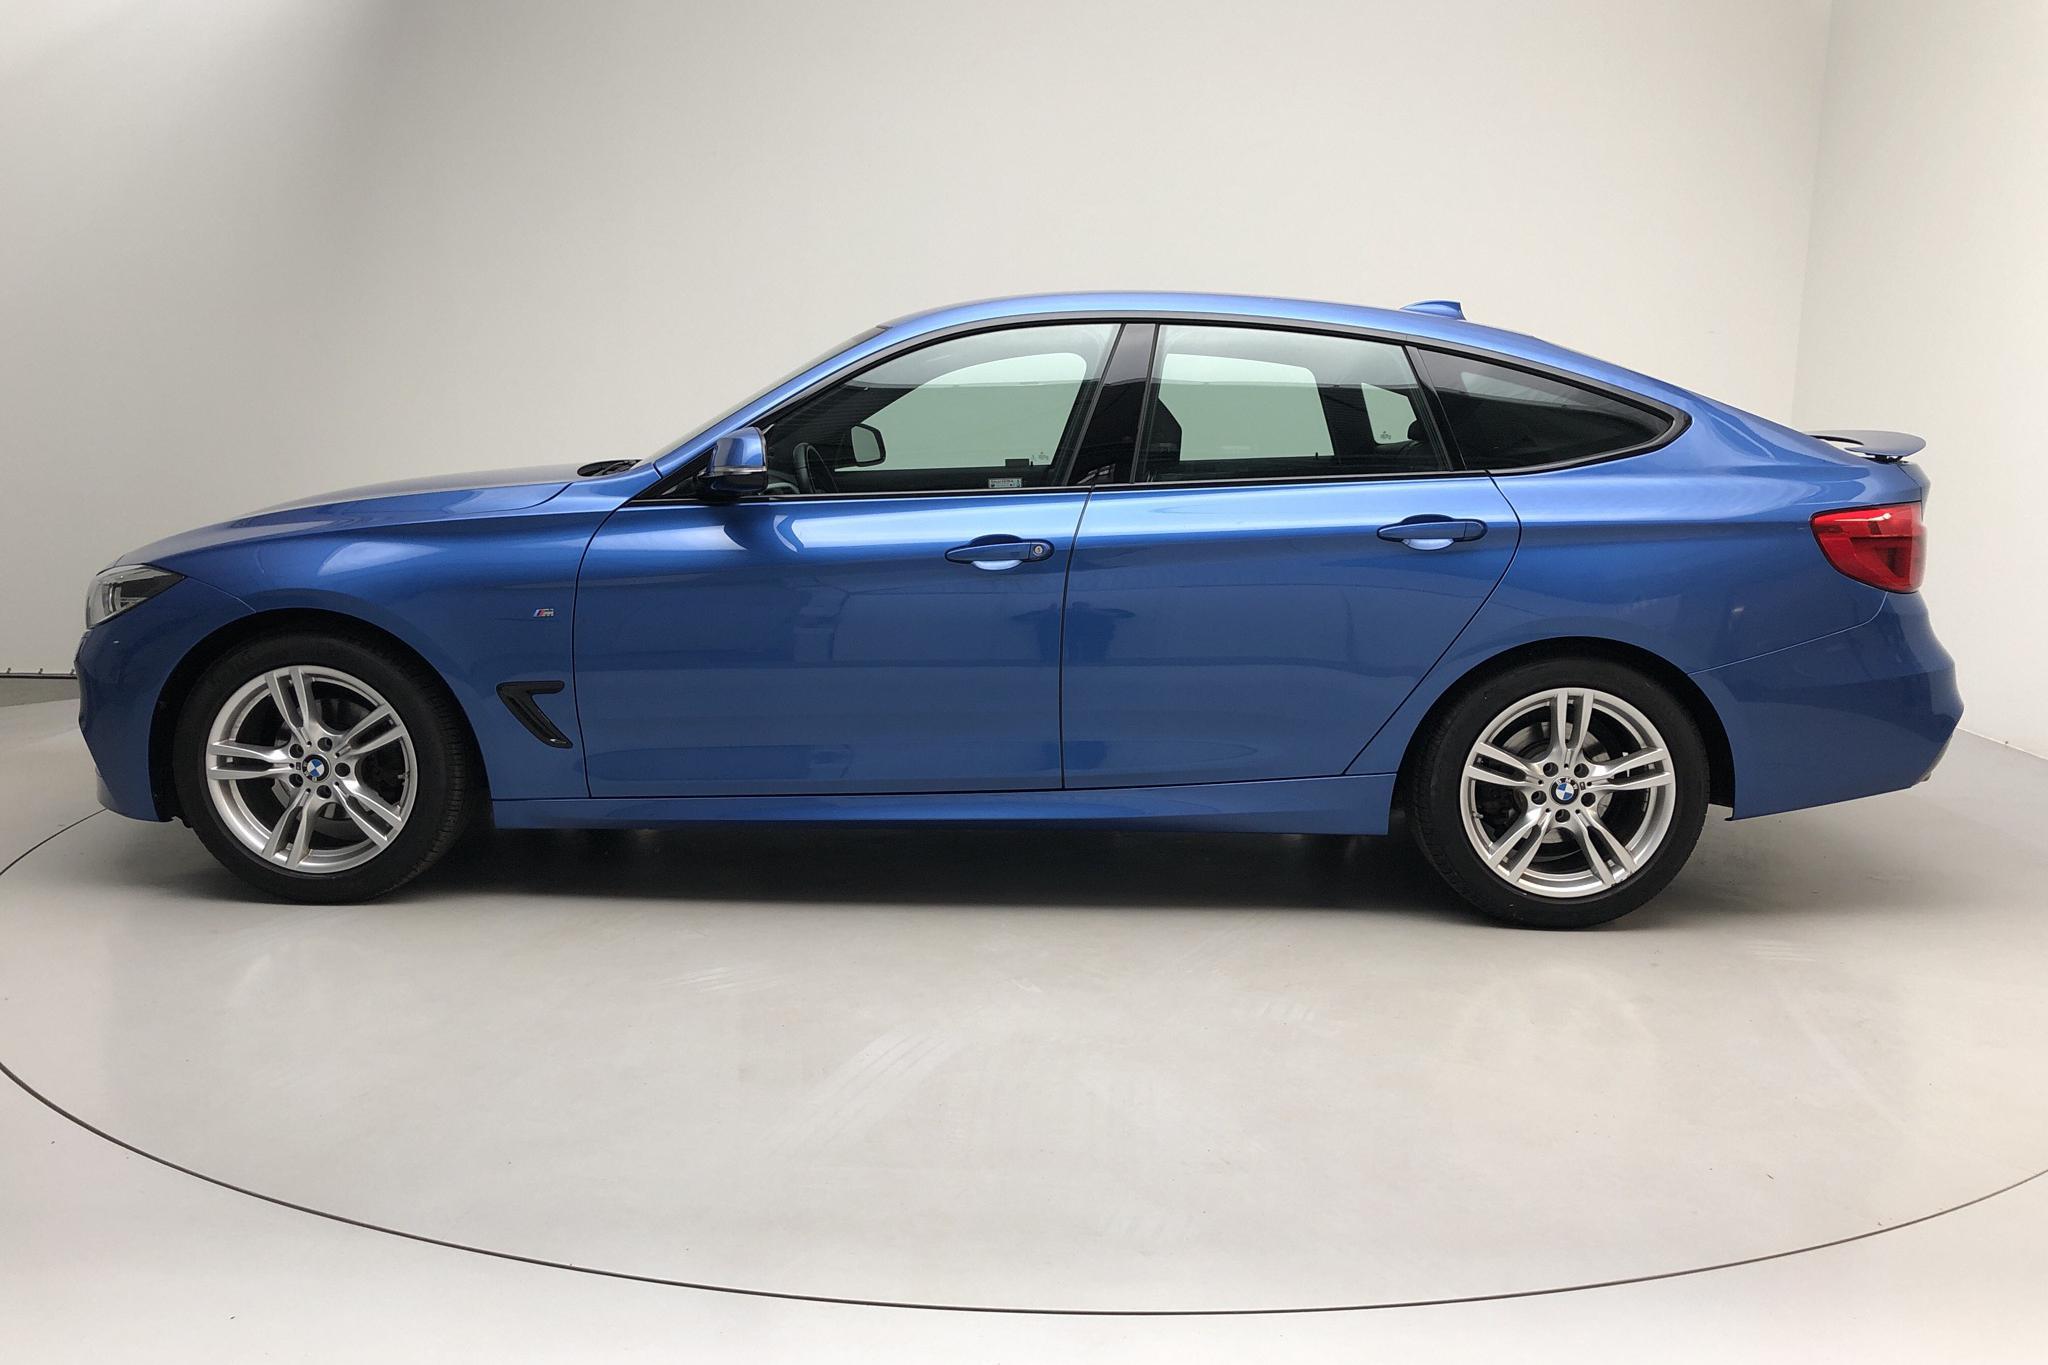 BMW 320i GT, F34 (184hk) - 63 870 km - Automatic - blue - 2019